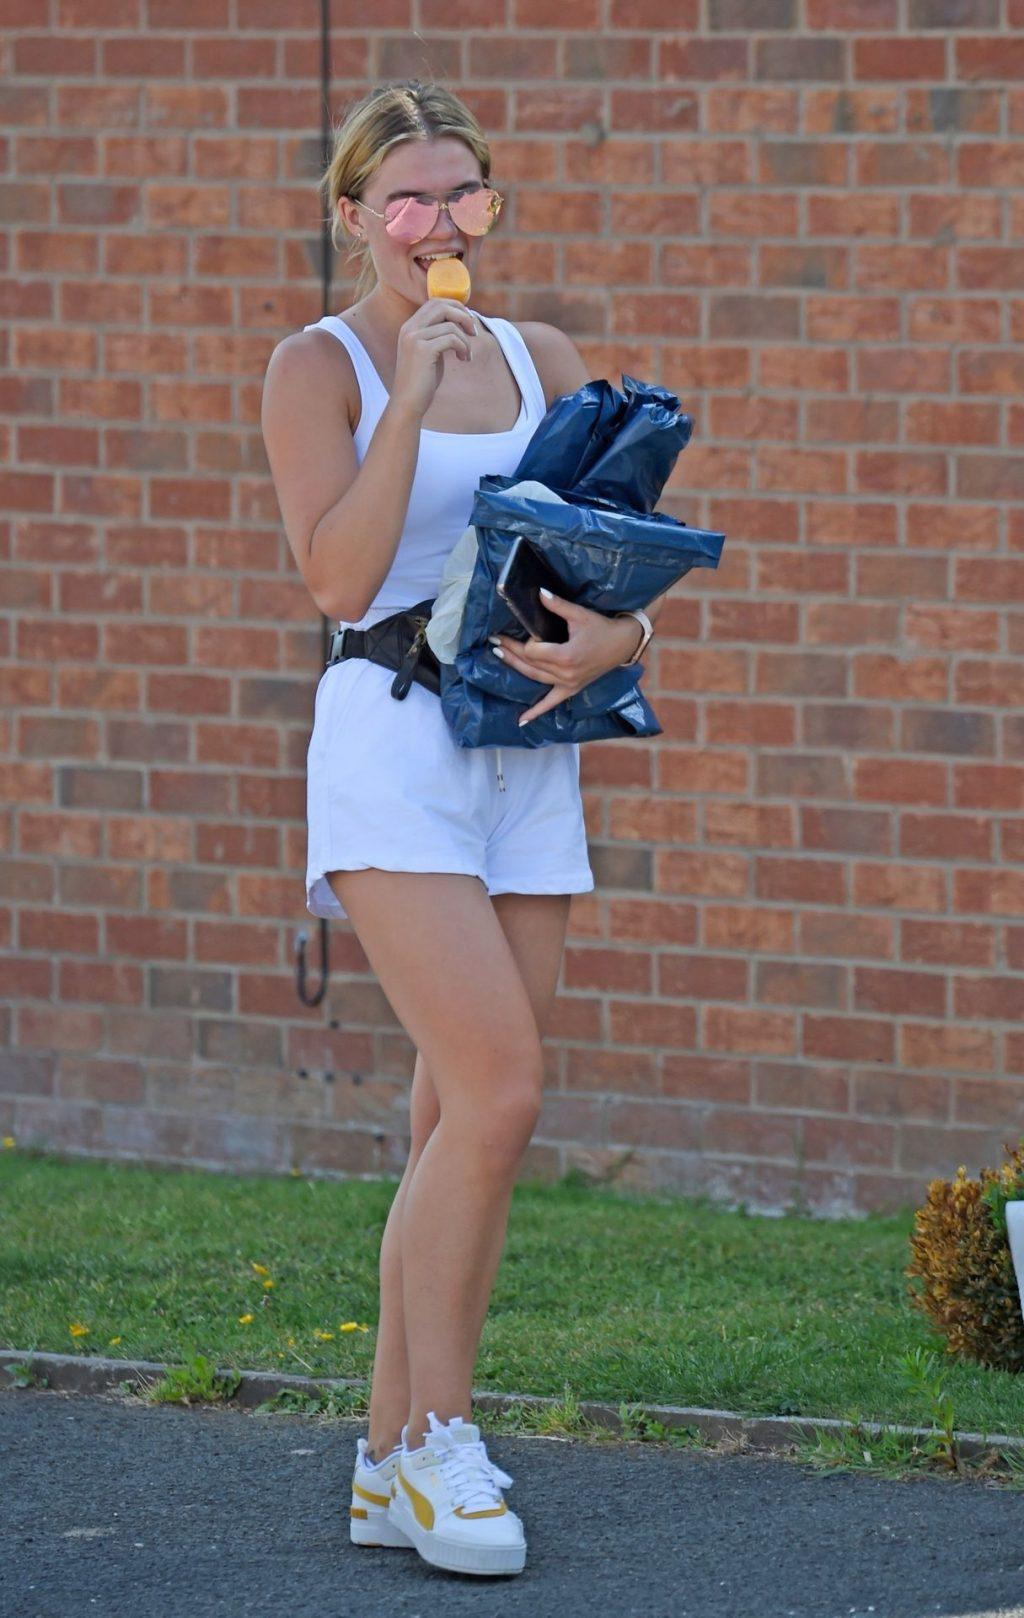 Leggy Molly Smith Enjoys the Manchester Sunshine (40 Photos)